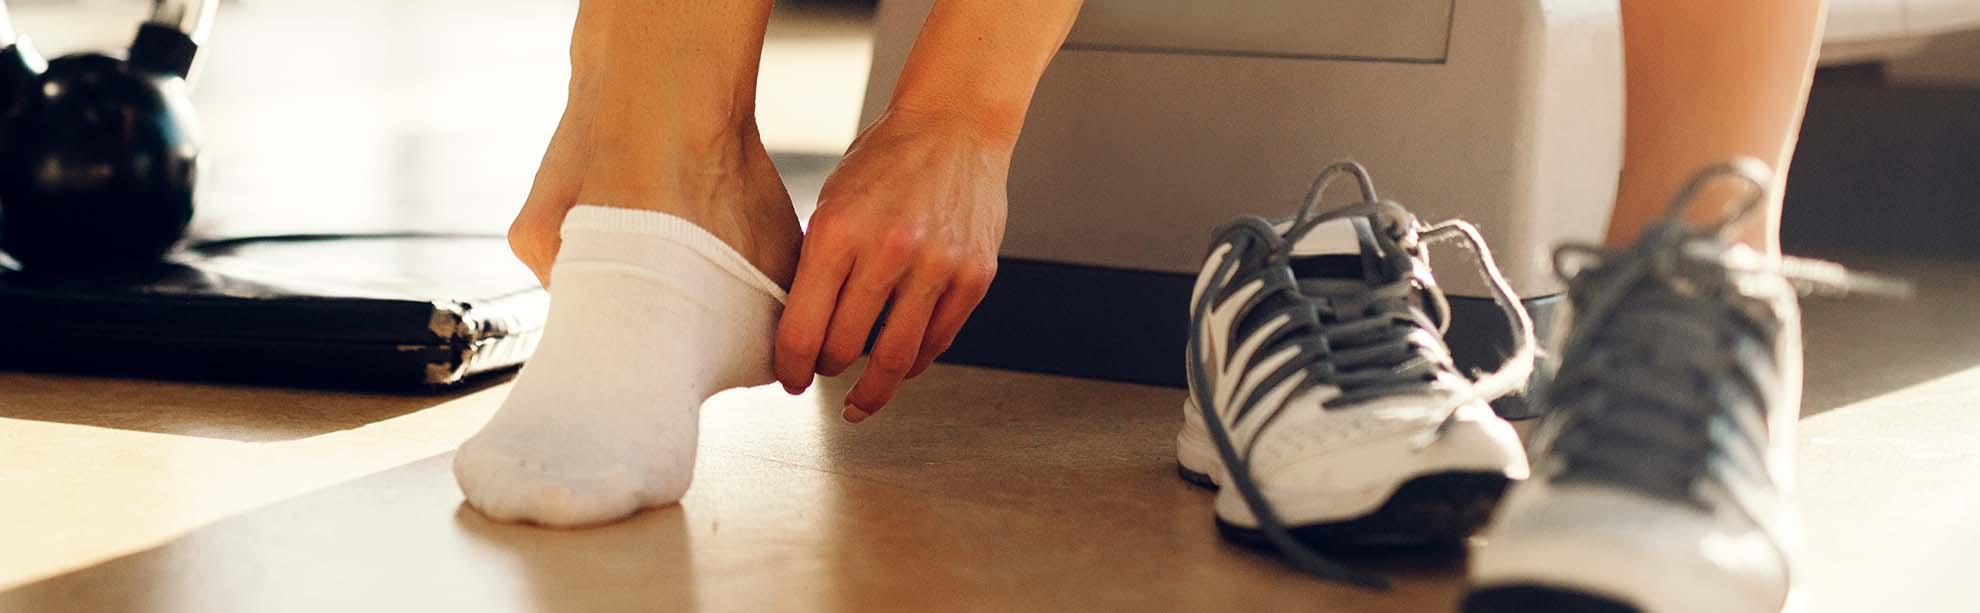 tar på strumpa på gymmet